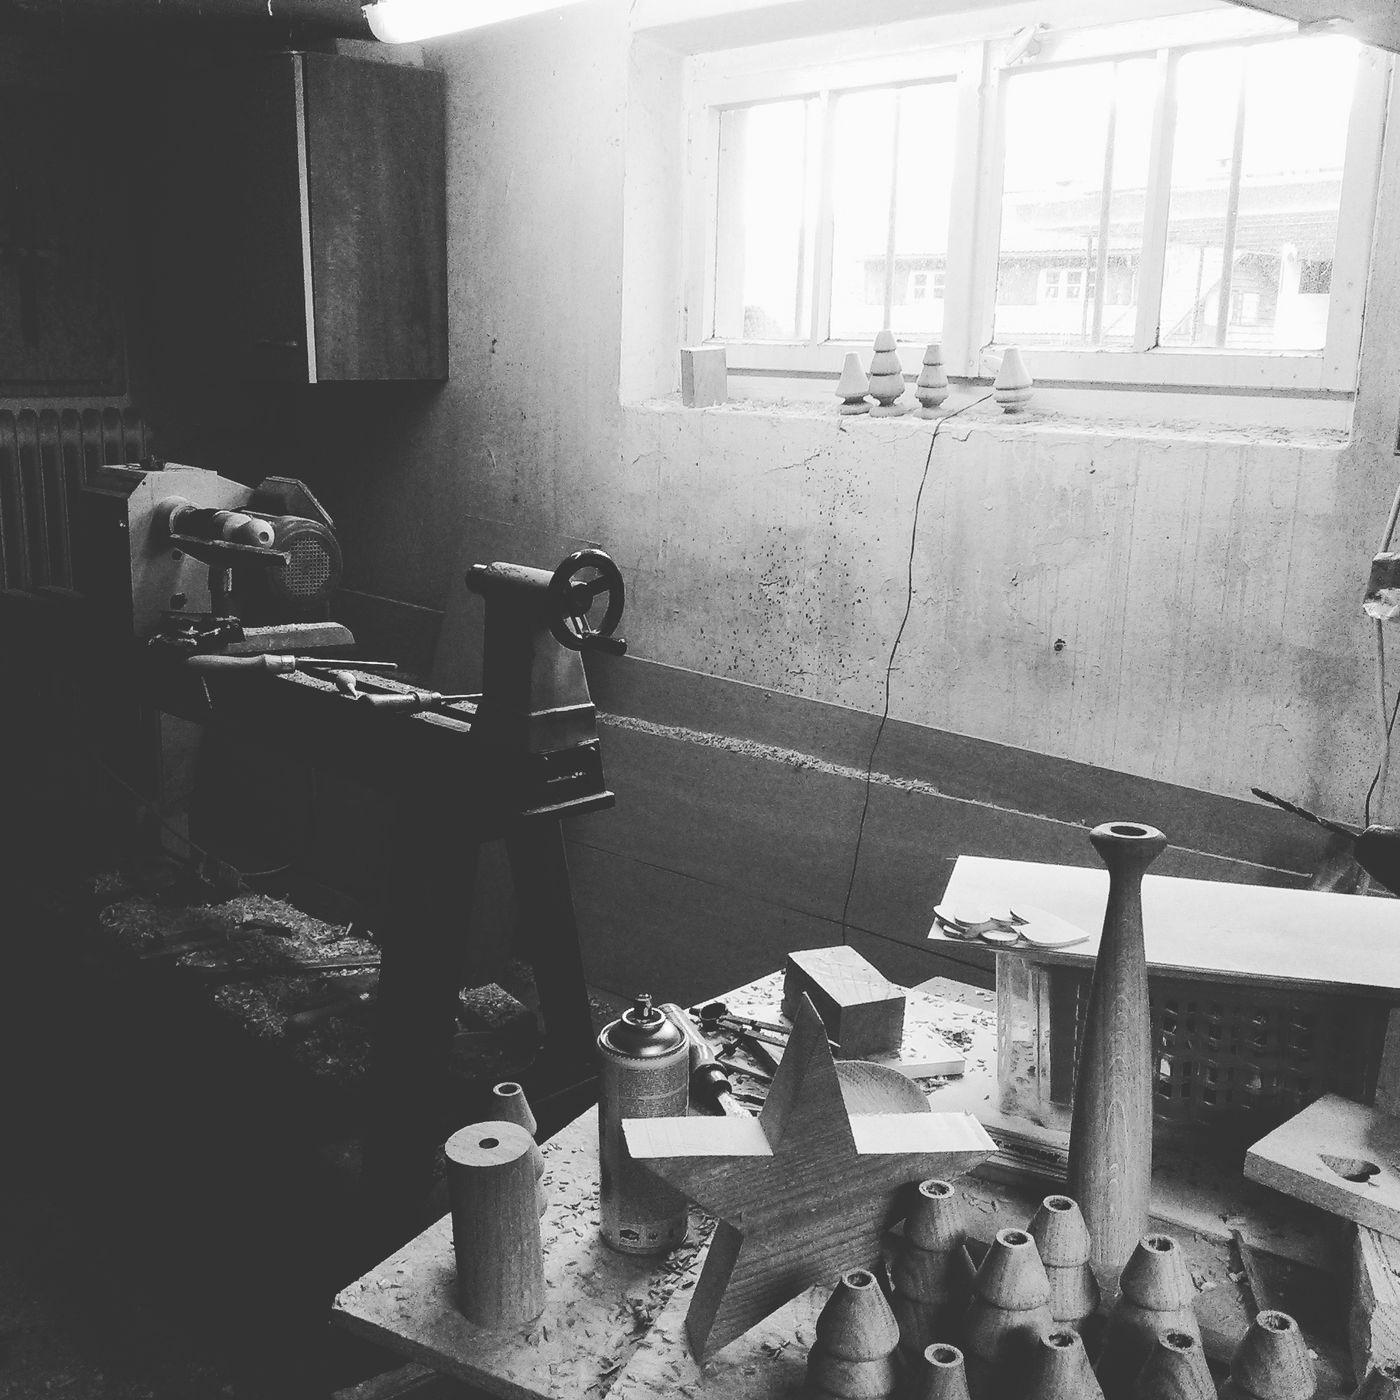 Schlafzimmer Im Keller Einrichten. Schlafzimmer Ideen Mit